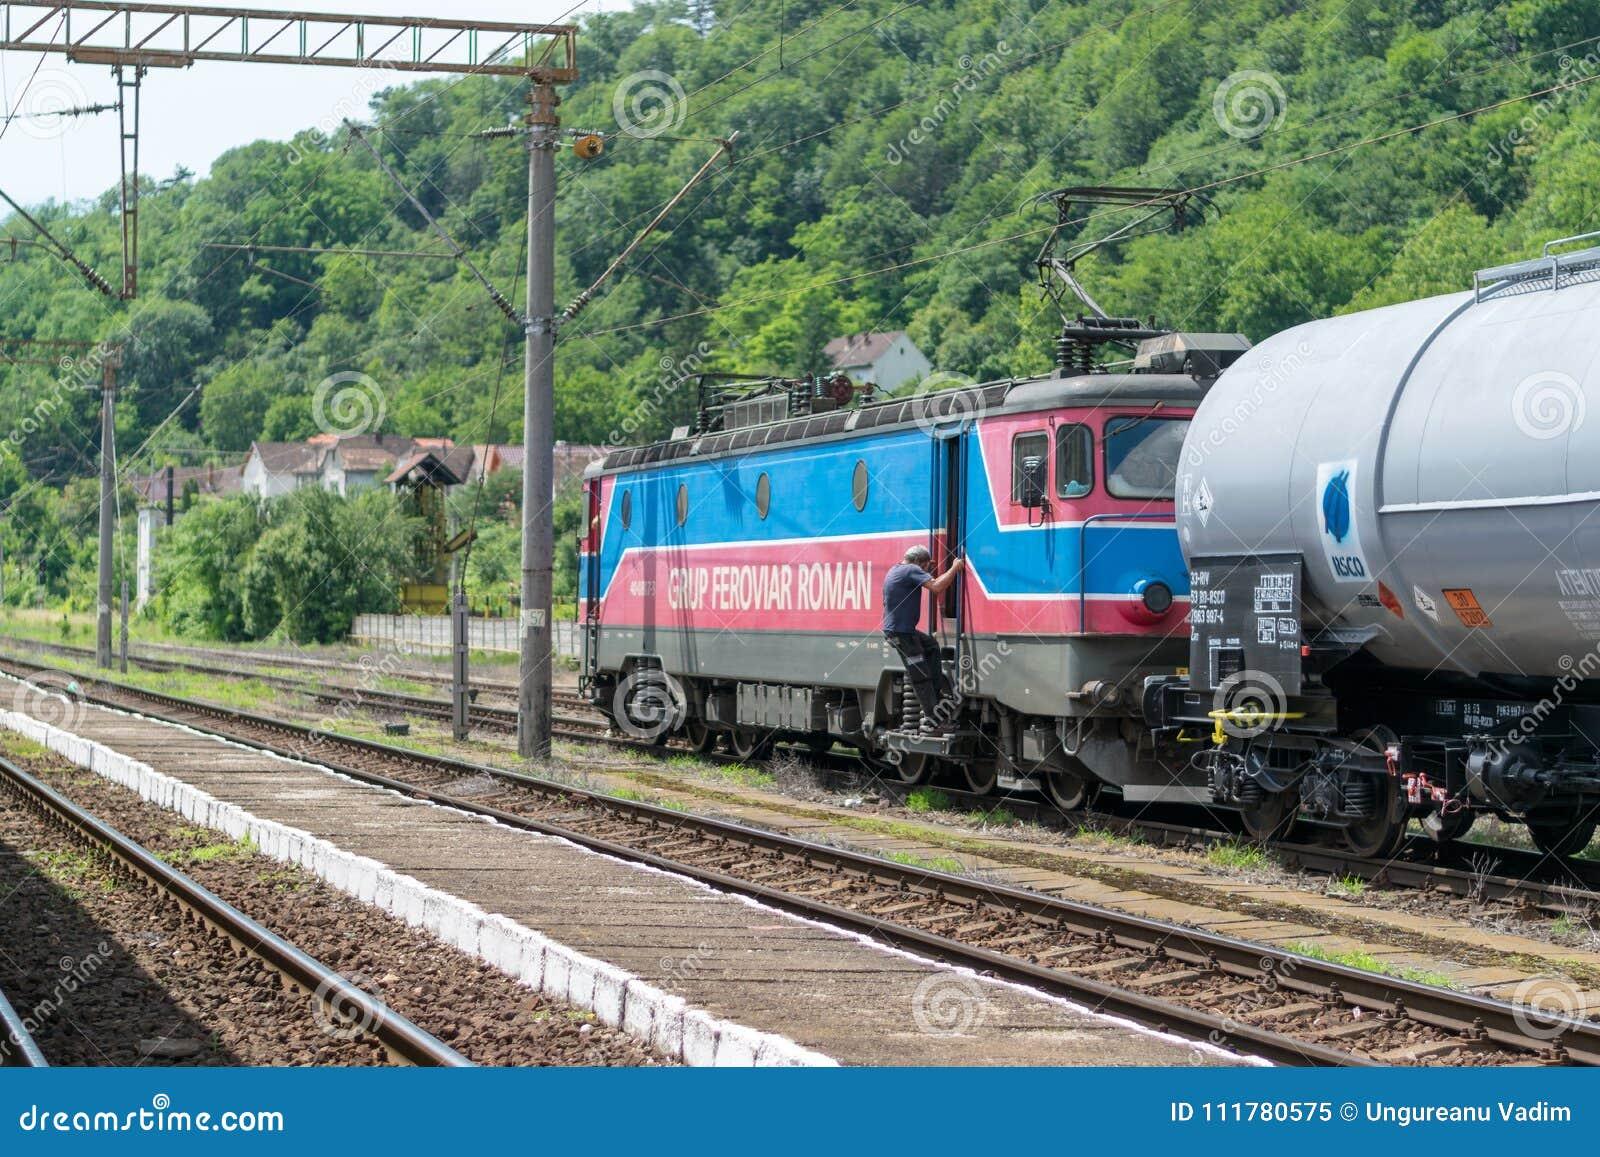 SIGHISOARA, ROUMANIE - 1ER JUILLET 2016 : Le conducteur de train montent dans la locomotive de train avec des chariots de cargais